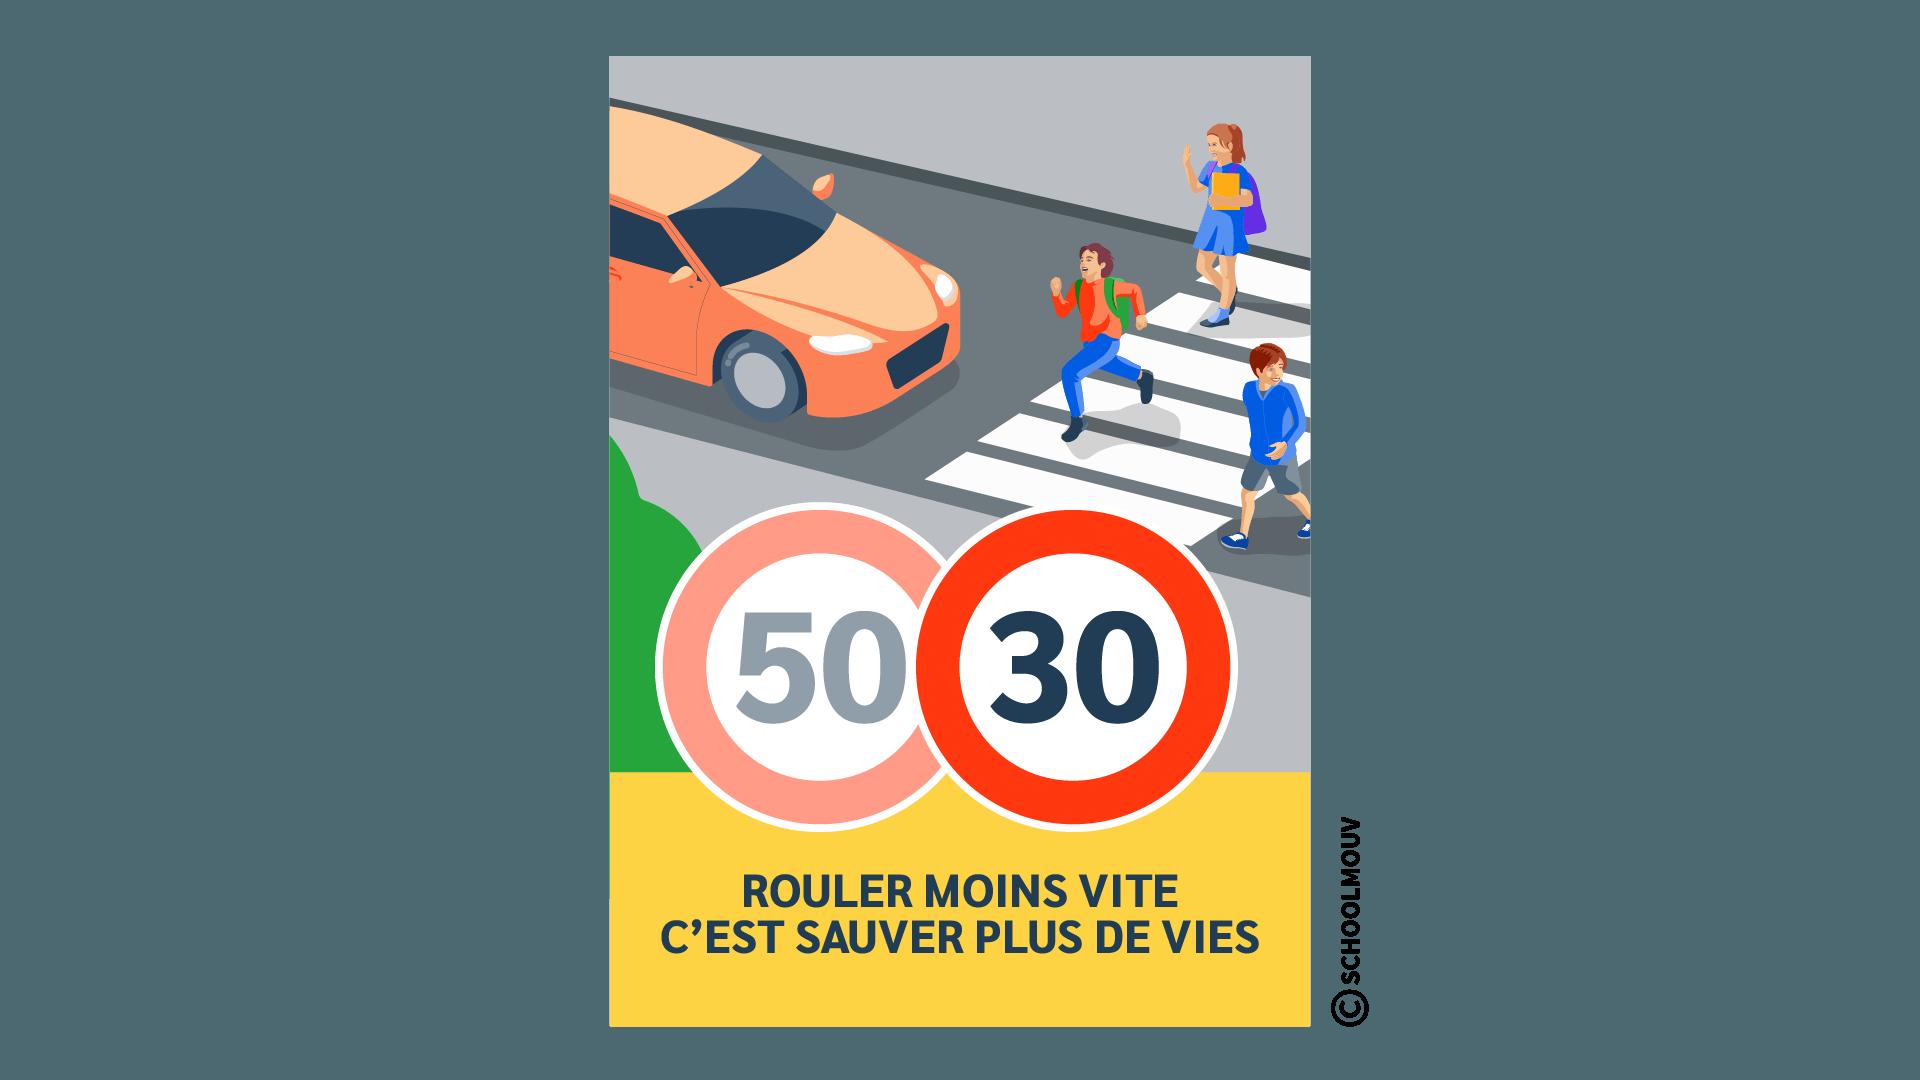 Campagne de sensibilisation - Route - Vitesse - Danger - SchoolMoouv - Géographie - CM2